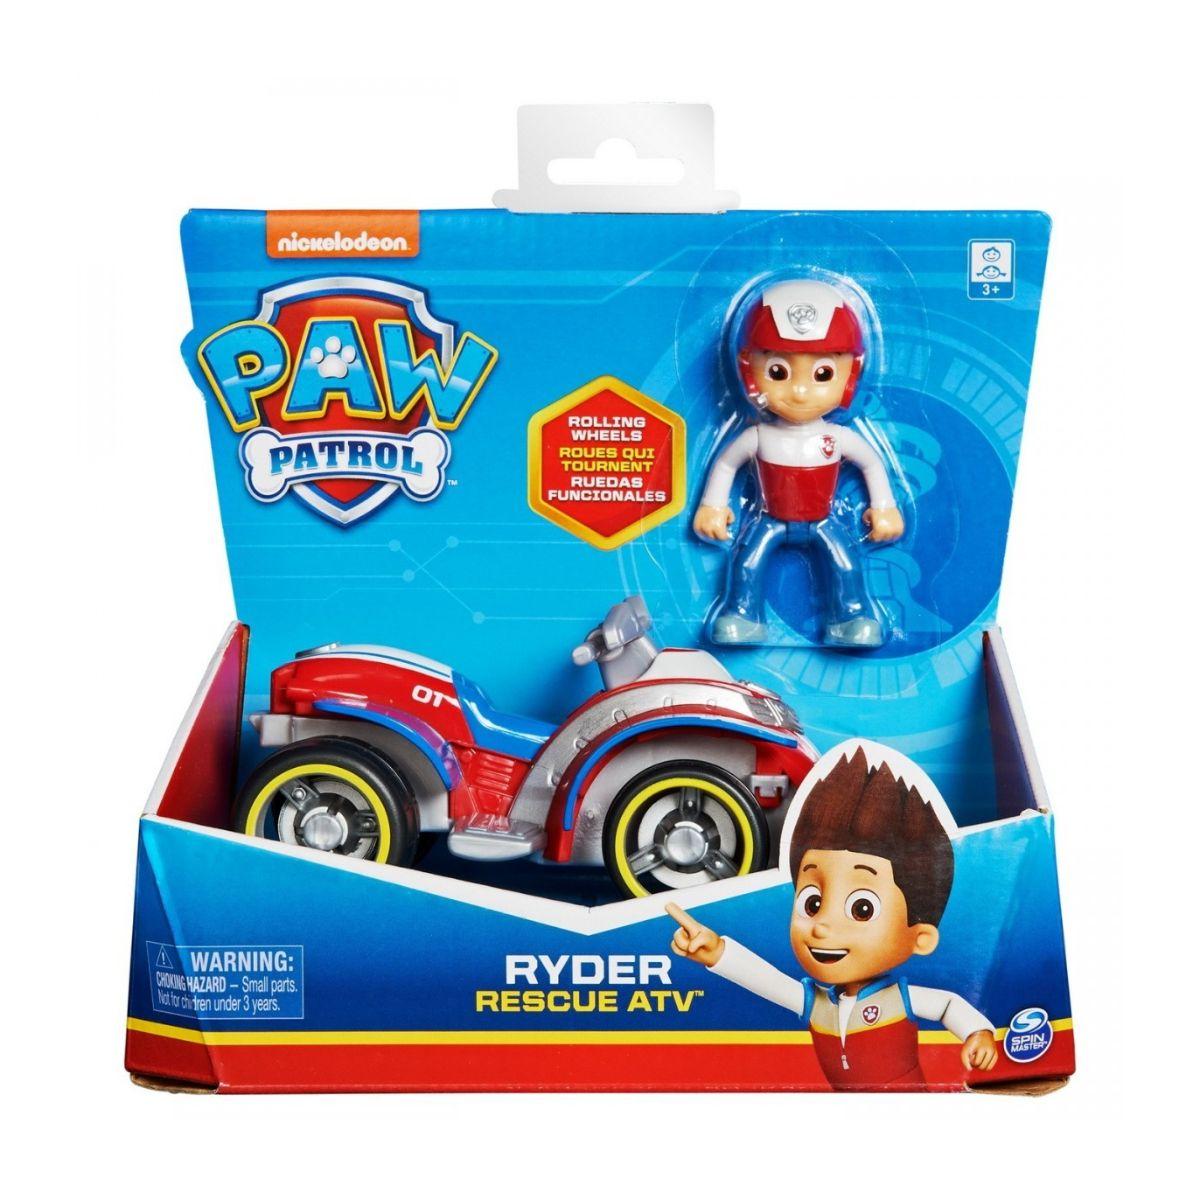 Masinuta cu figurina Paw Patrol, Ryder, 20127846